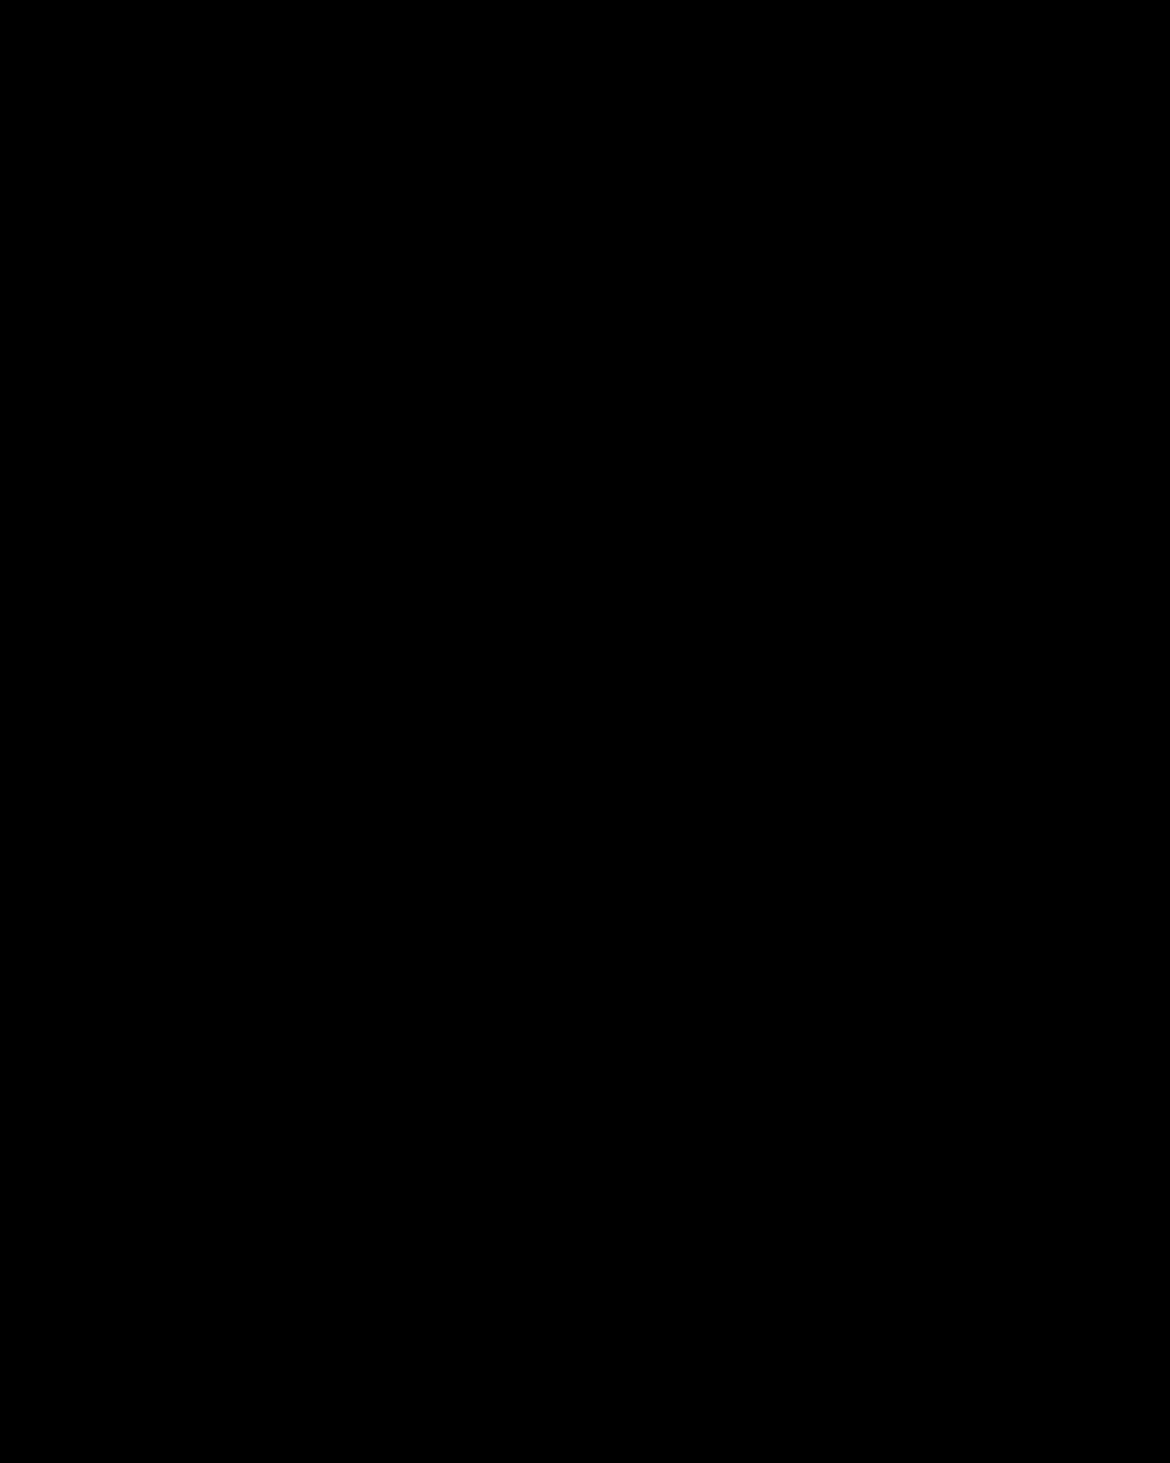 Una settimana in Giappone - Il mio itinerario by Laura Comolli - Tokyo